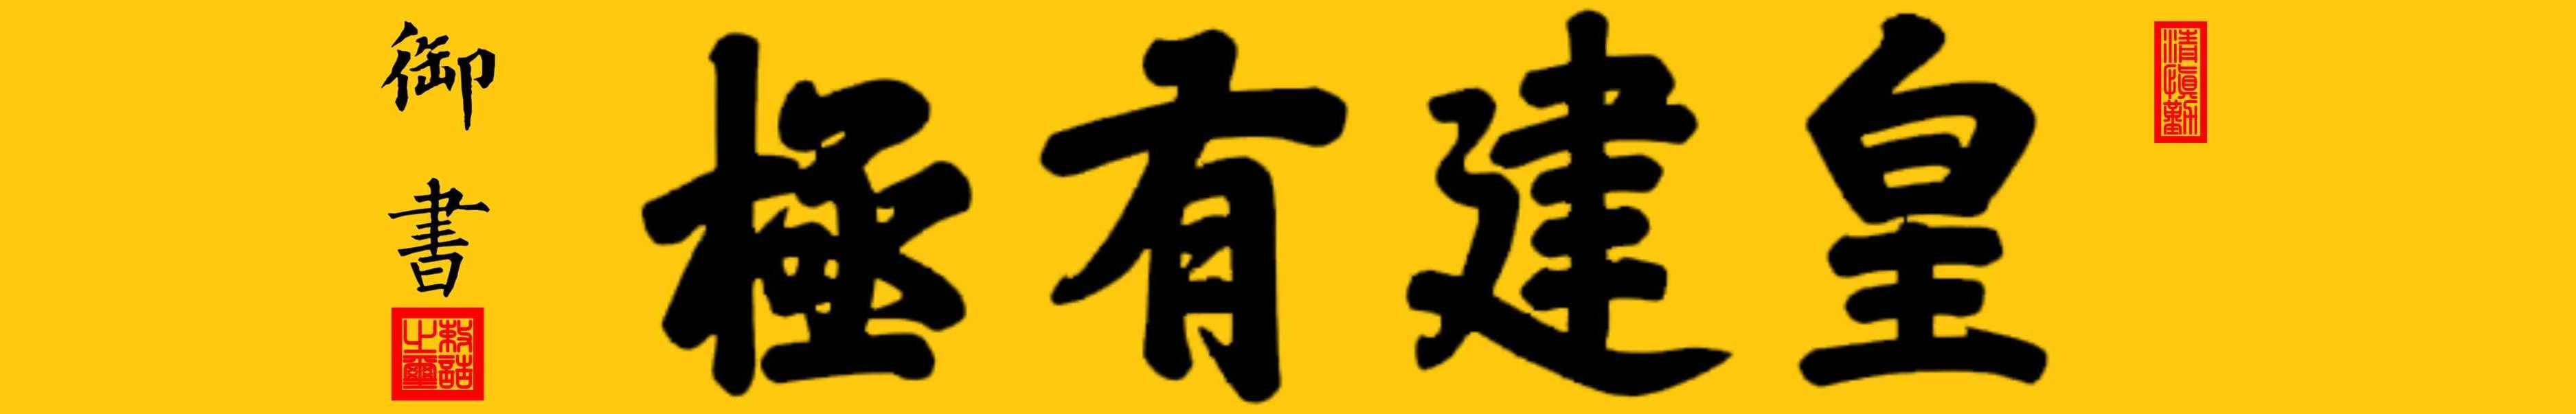 鞠志亮 banner